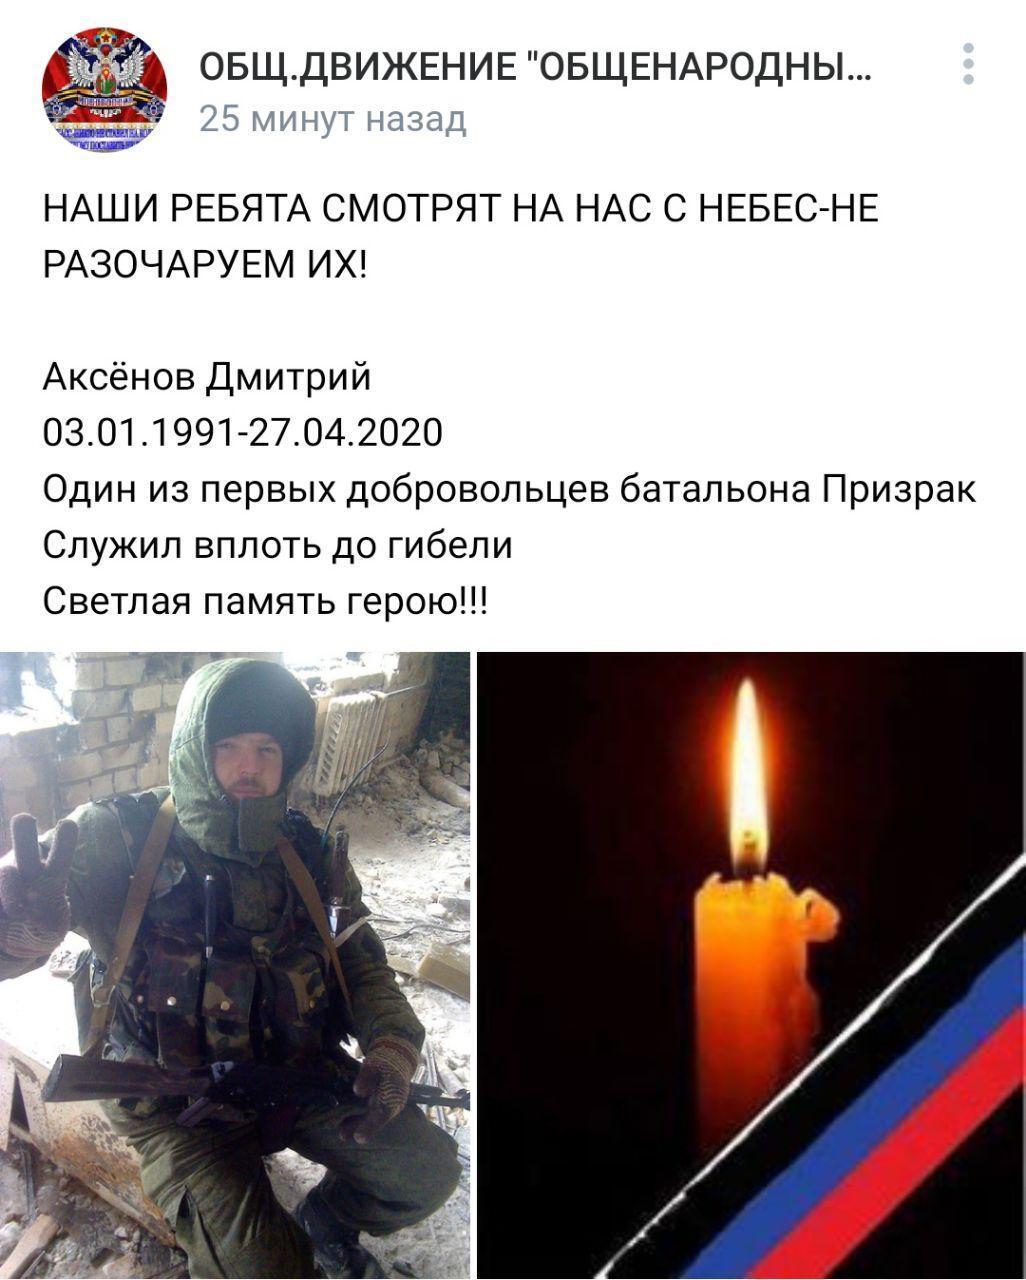 """На Донбассе ликвидировали боевиков """"Беркута"""" и """"Призрака"""". Фото террористов"""